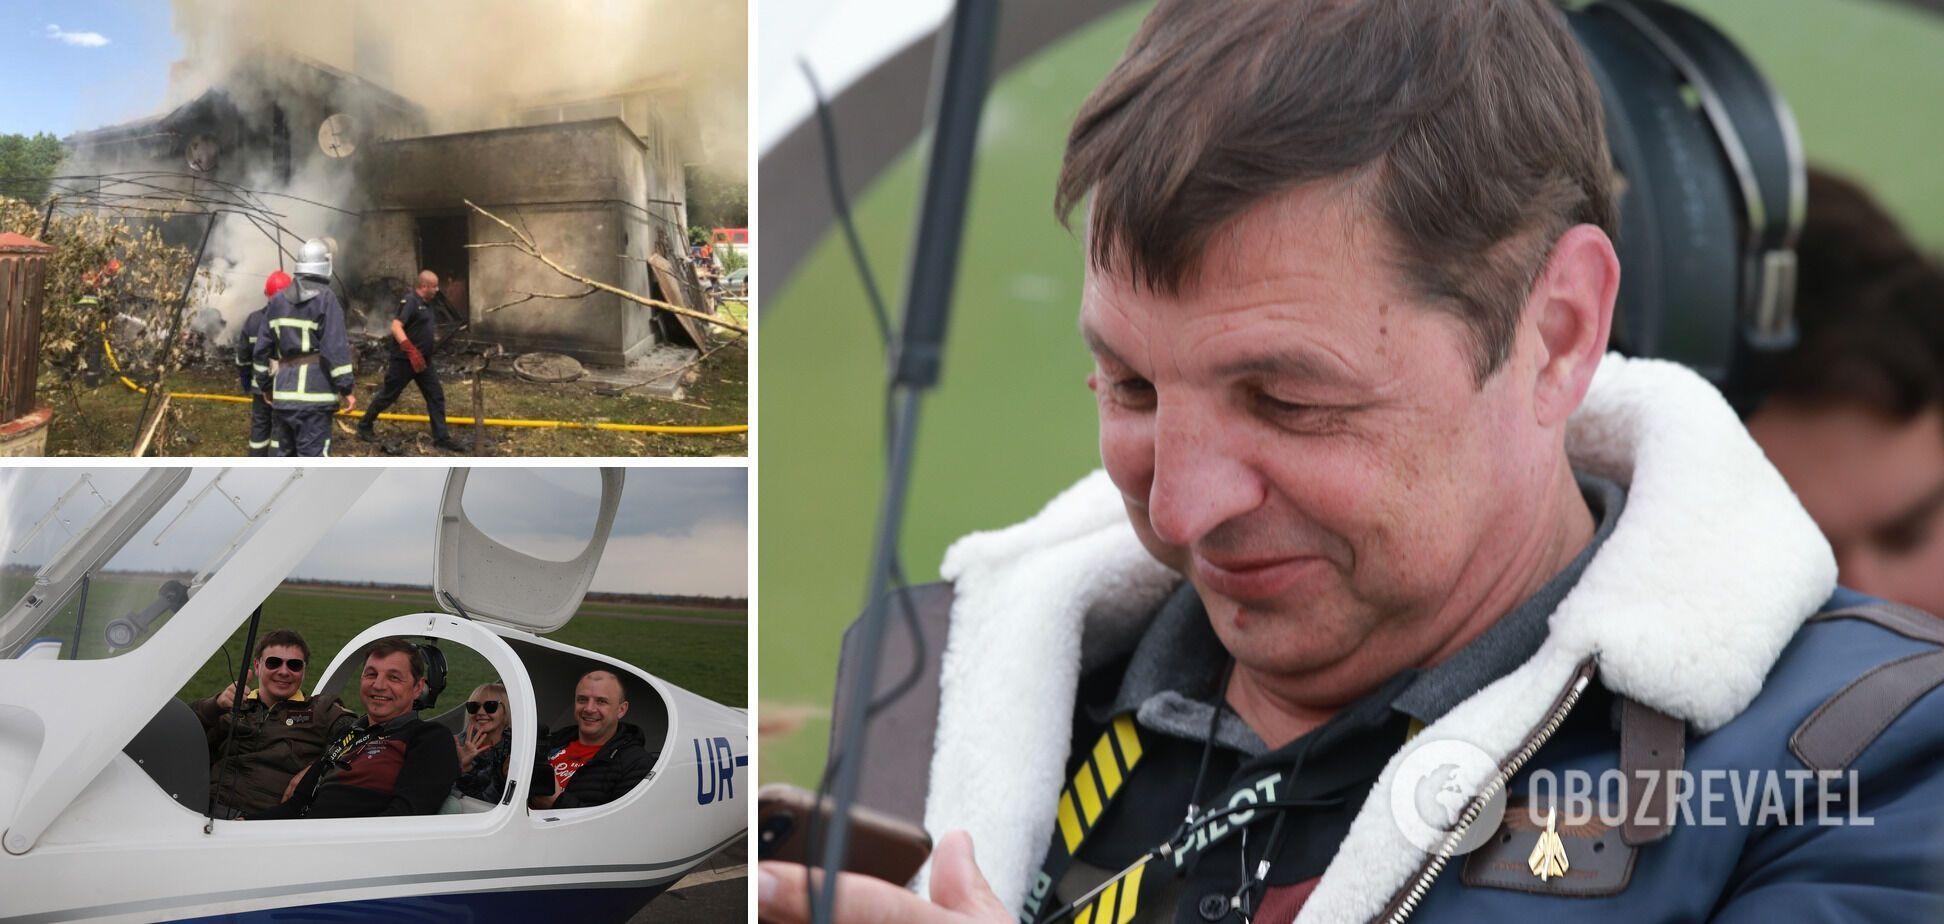 Прерванный полет. История жизни легендарного военного пилота Игоря Табанюка, погибшего в авиакатастрофе